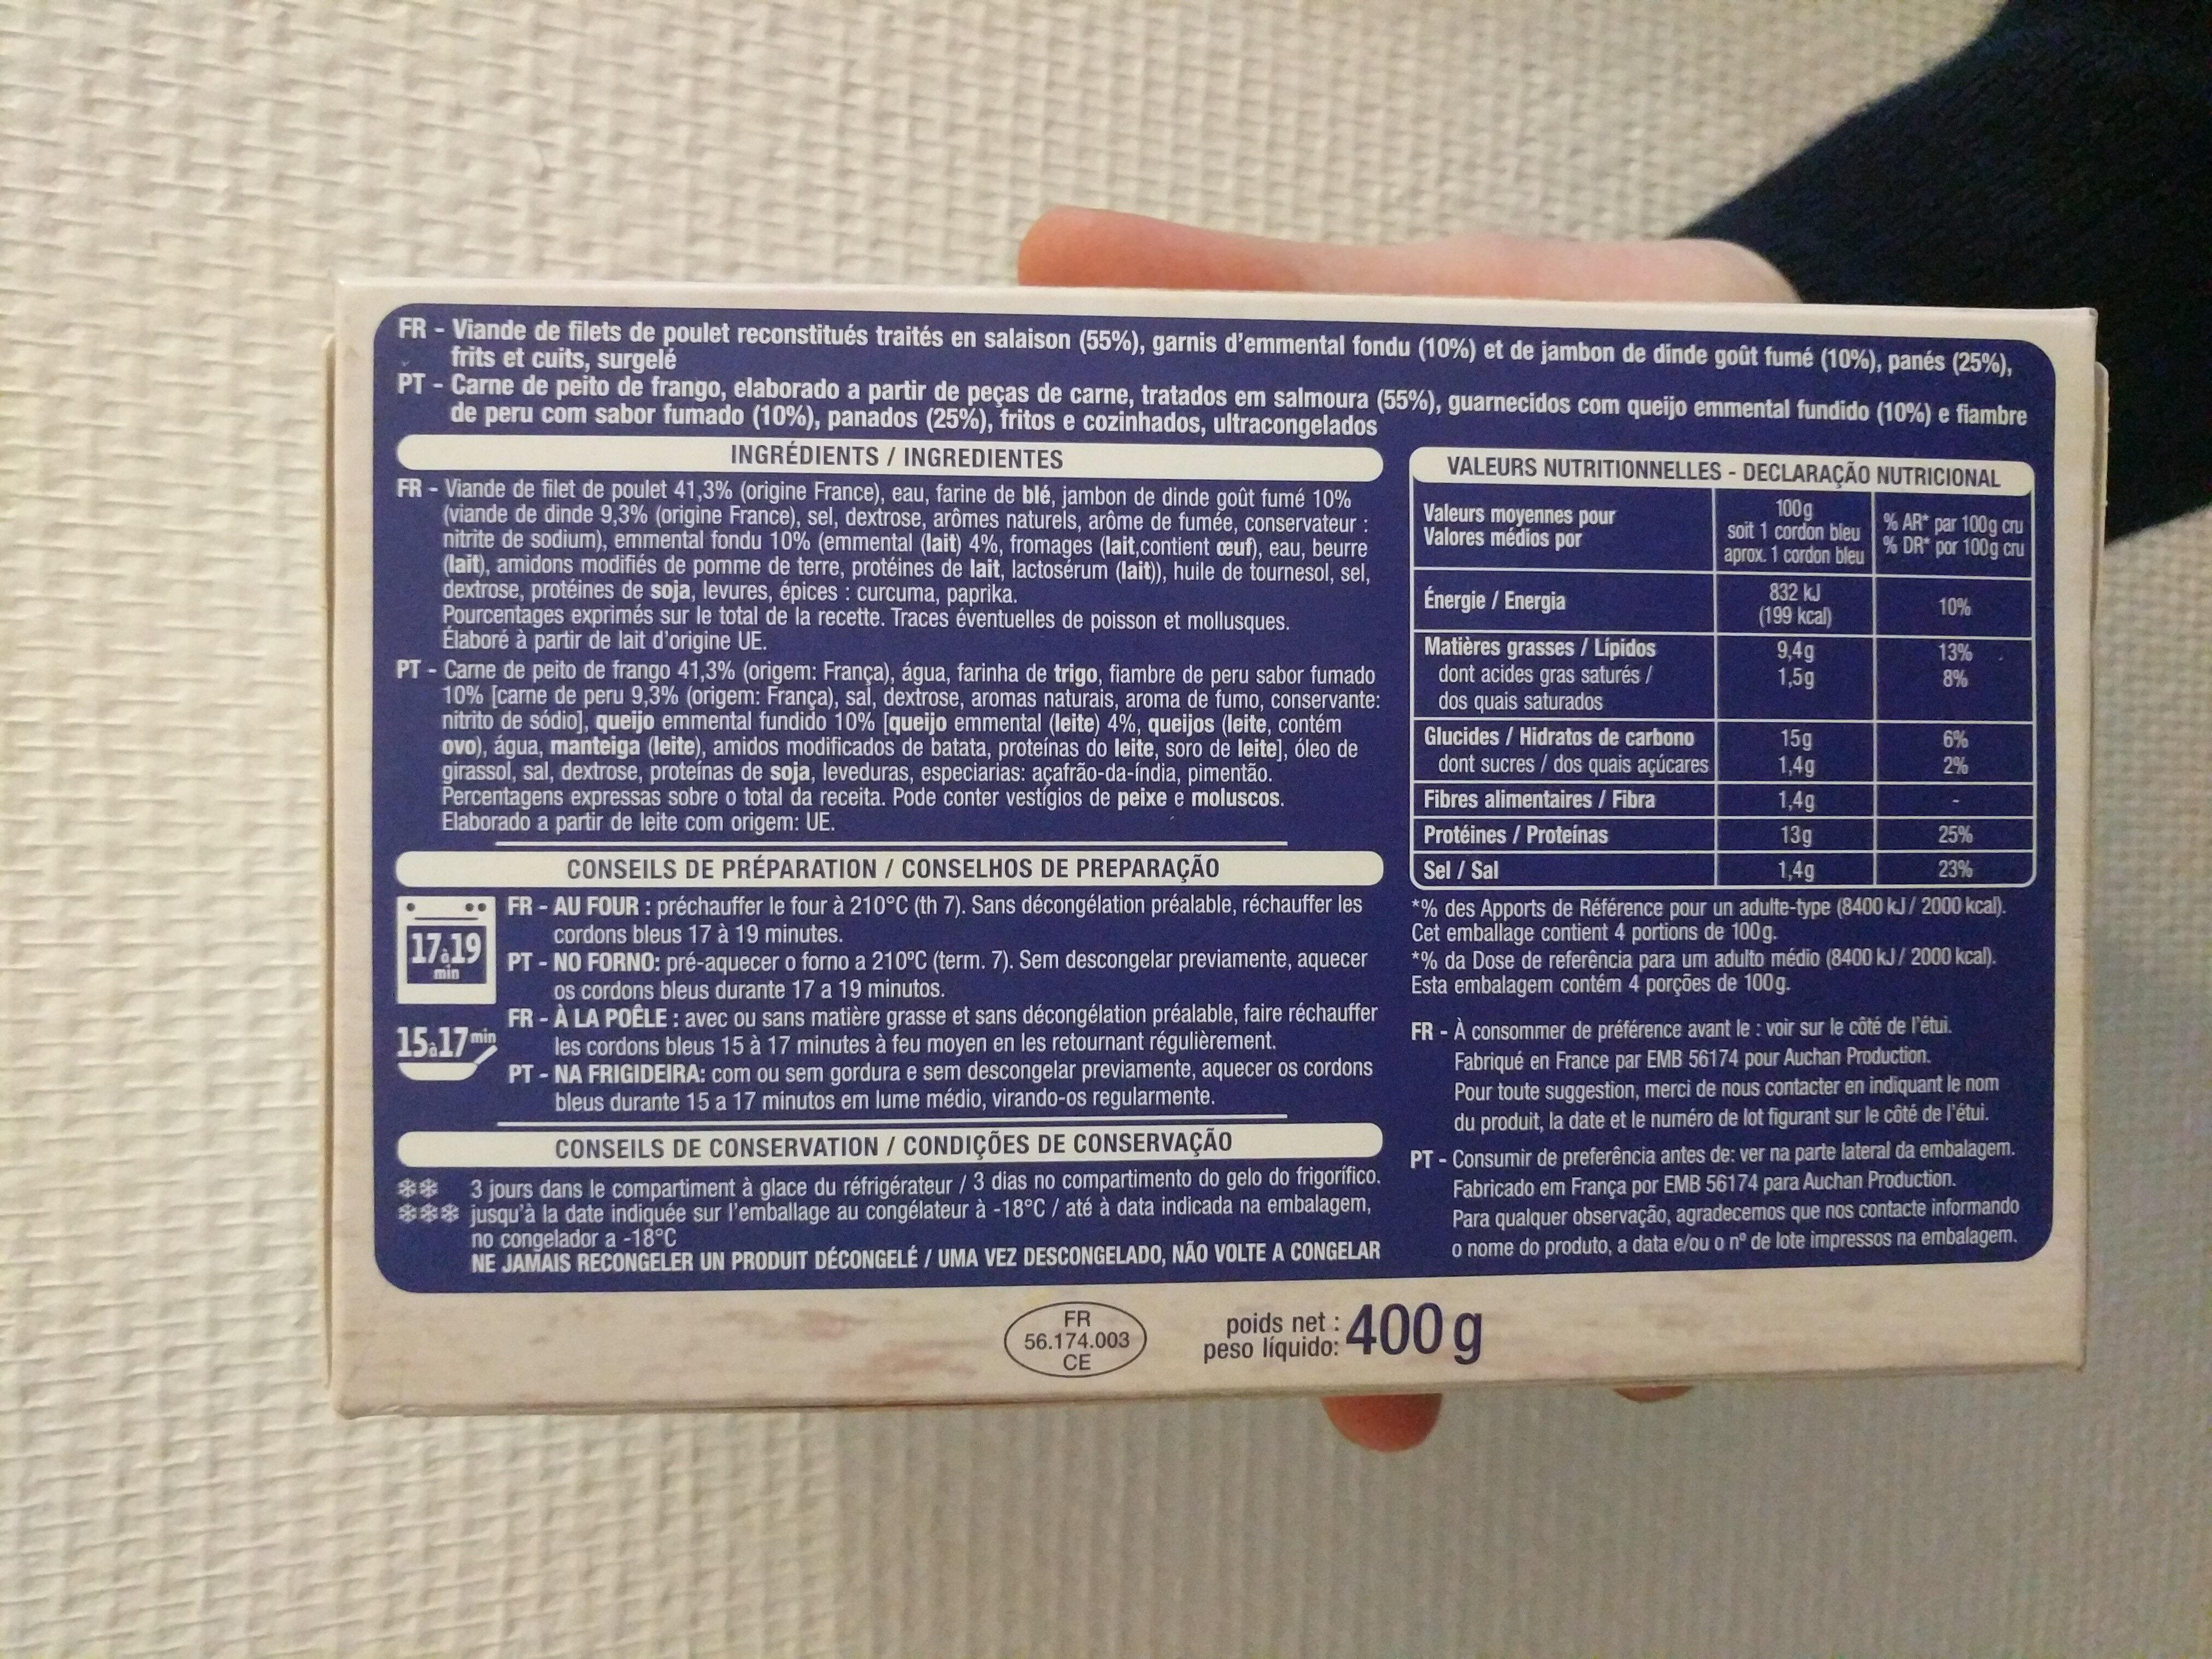 Cordons bleus filet de poulet - Ingrédients - fr